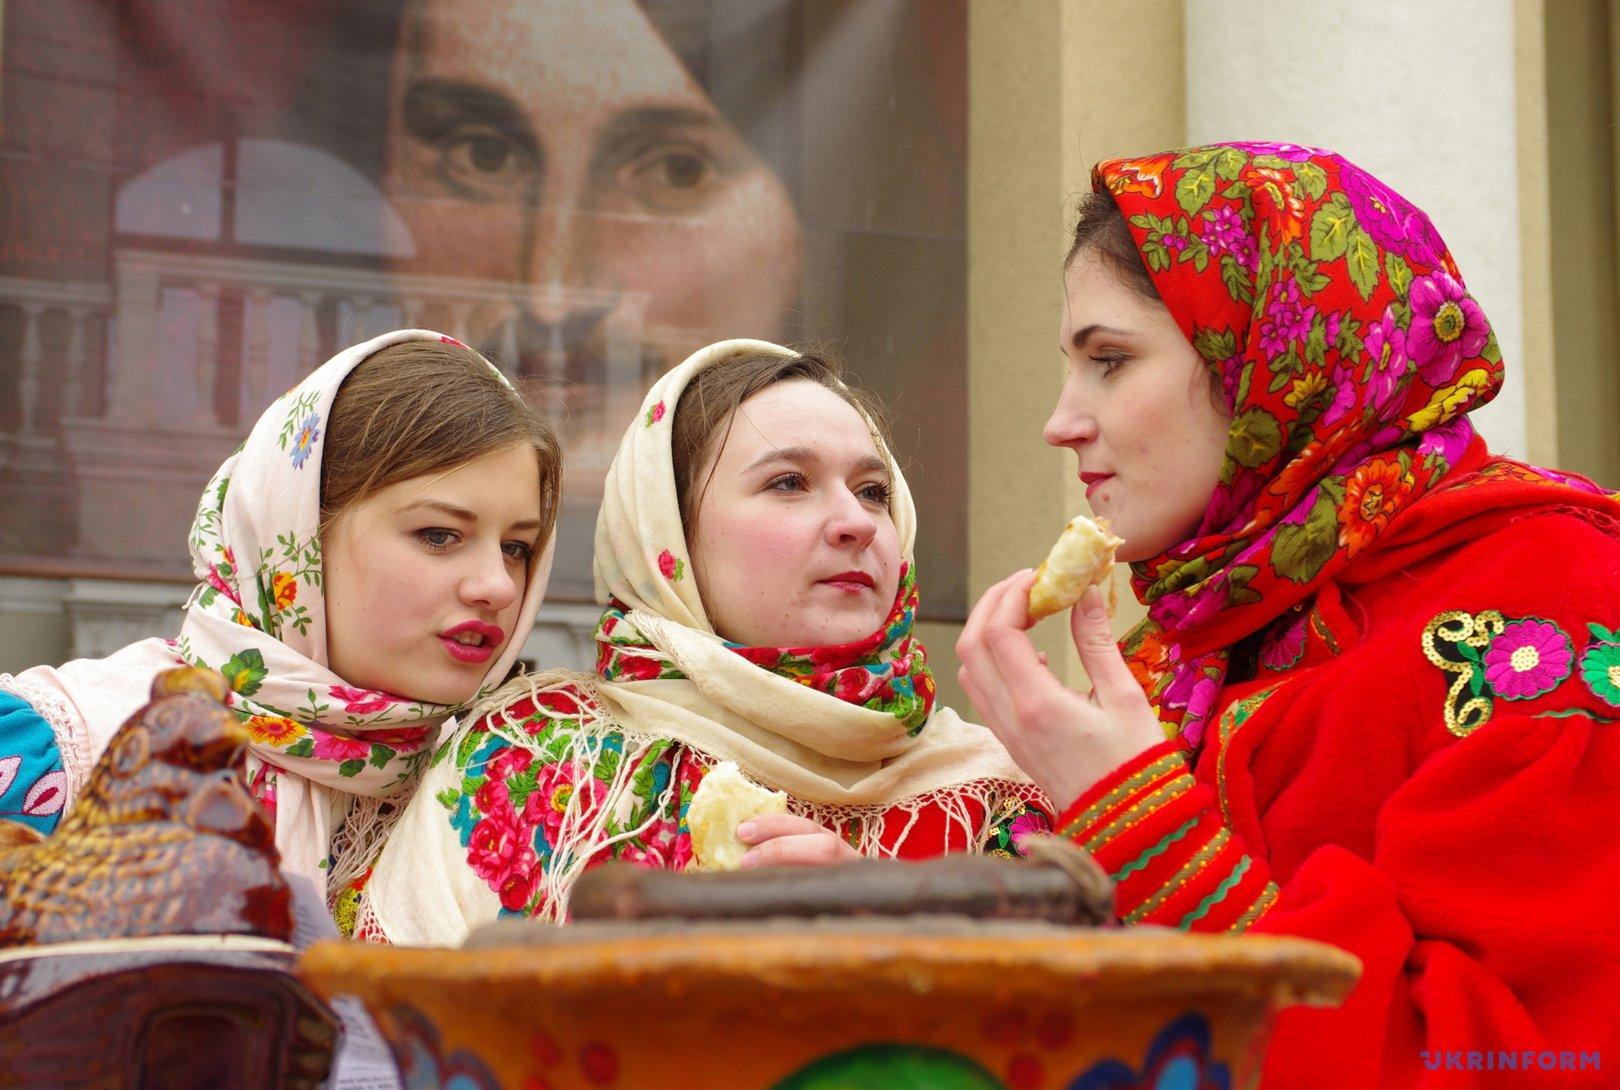 В Полтаве отпраздновали Масленицу / Фото: Сергей Пустовит, Укринформ